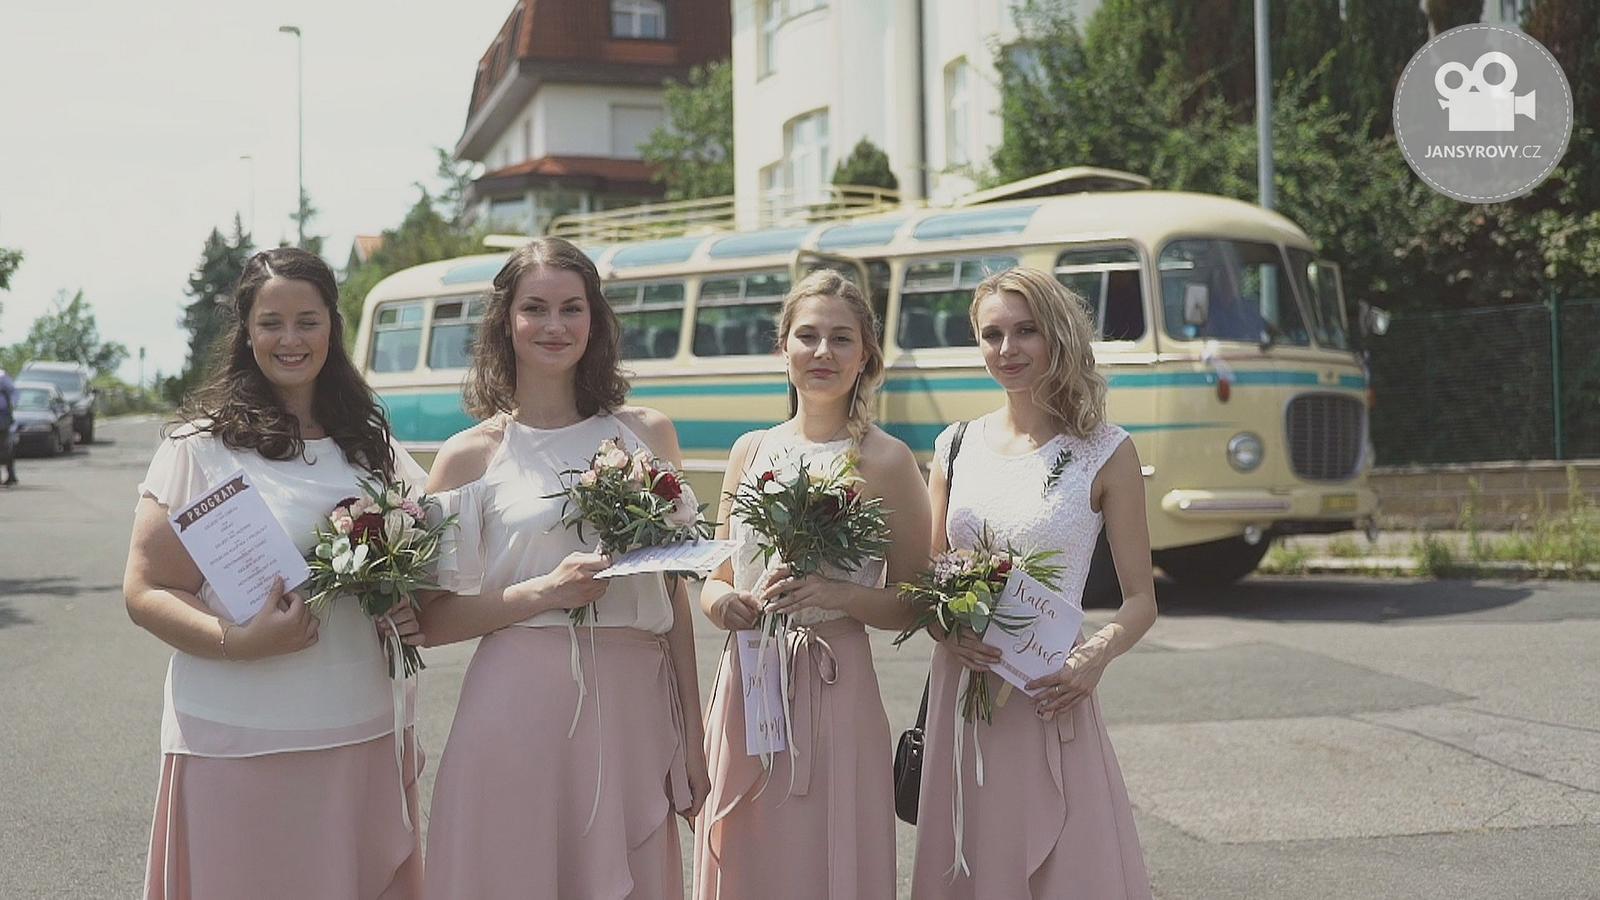 jansyrovy - Gang nevěsty...